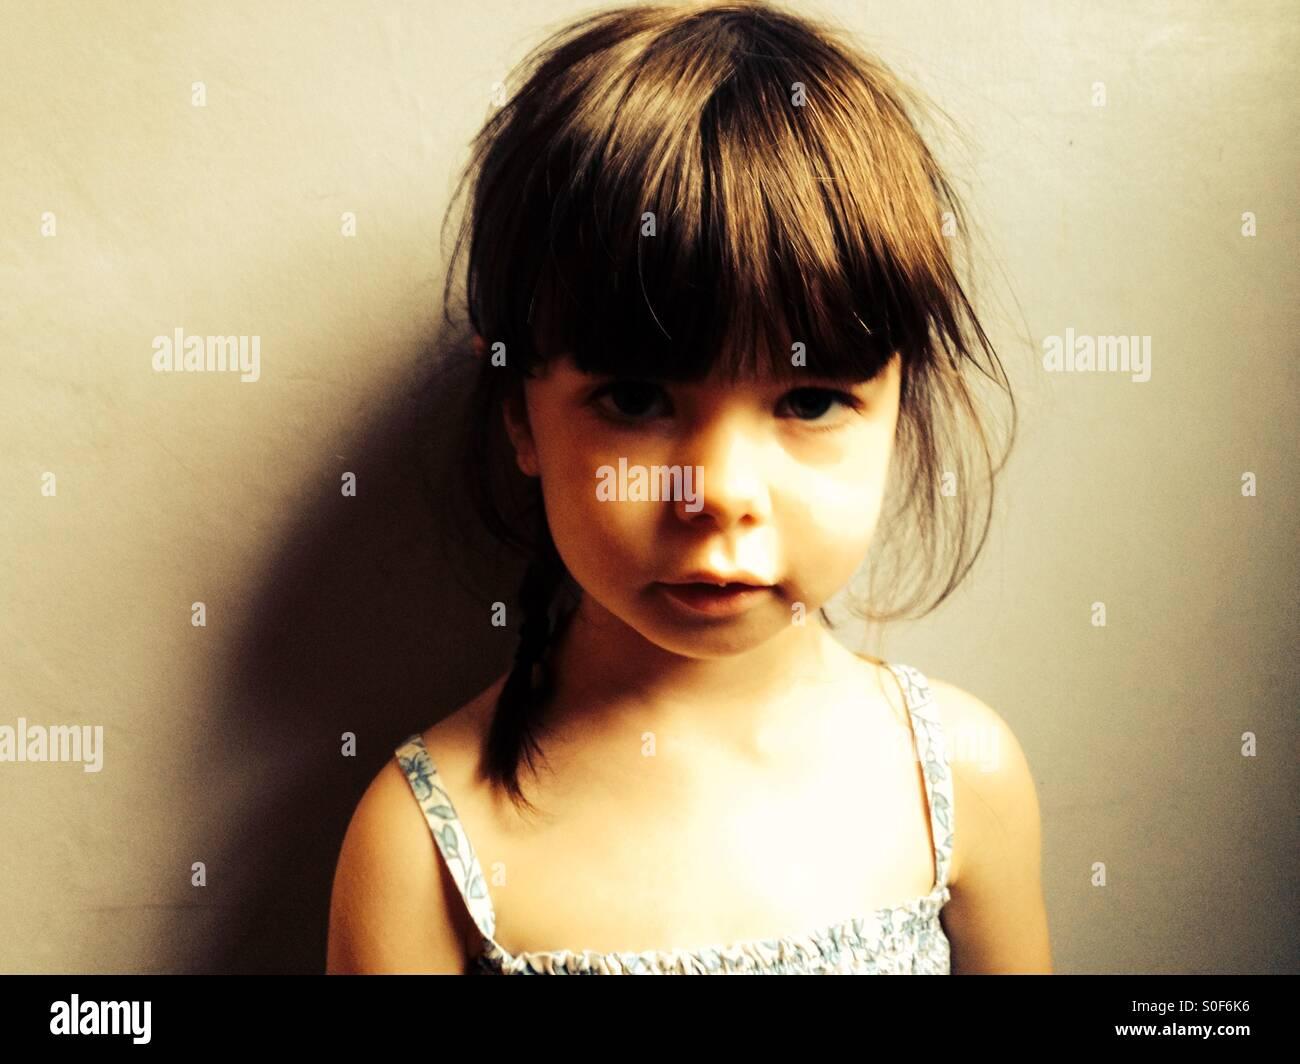 Infeliz niña de 3 años Imagen De Stock